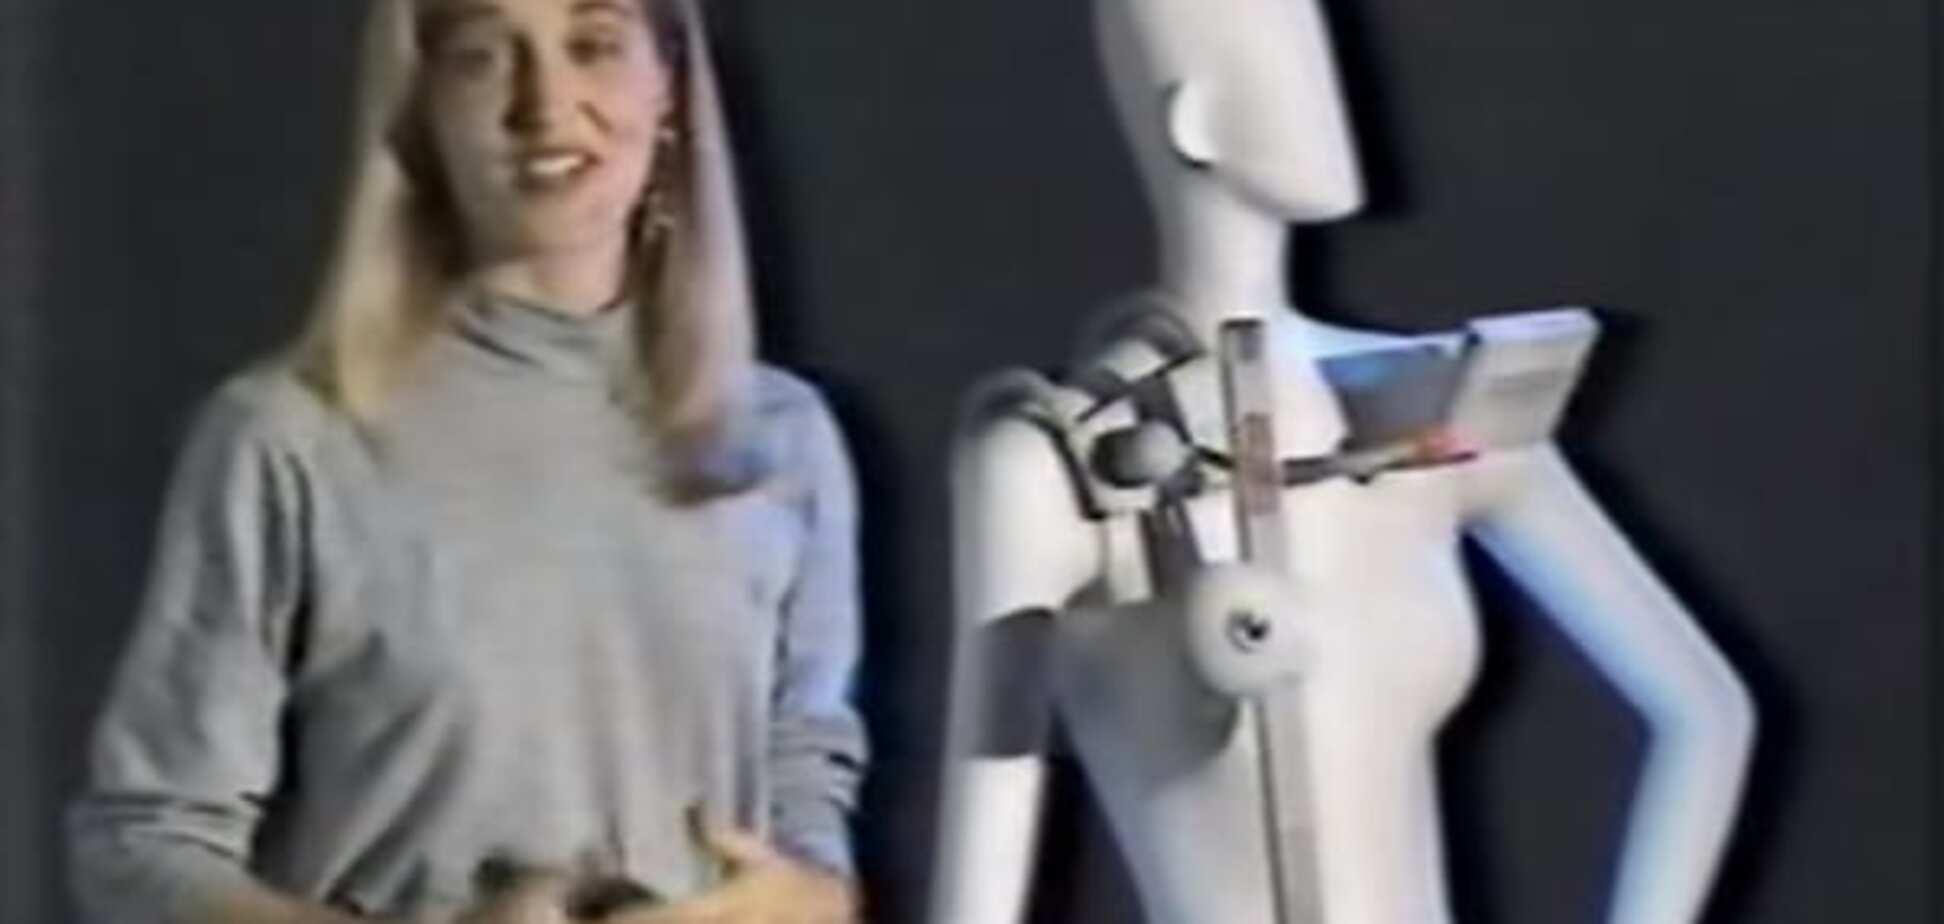 Технології минулого: як учені бачили майбутнє в 1992 році